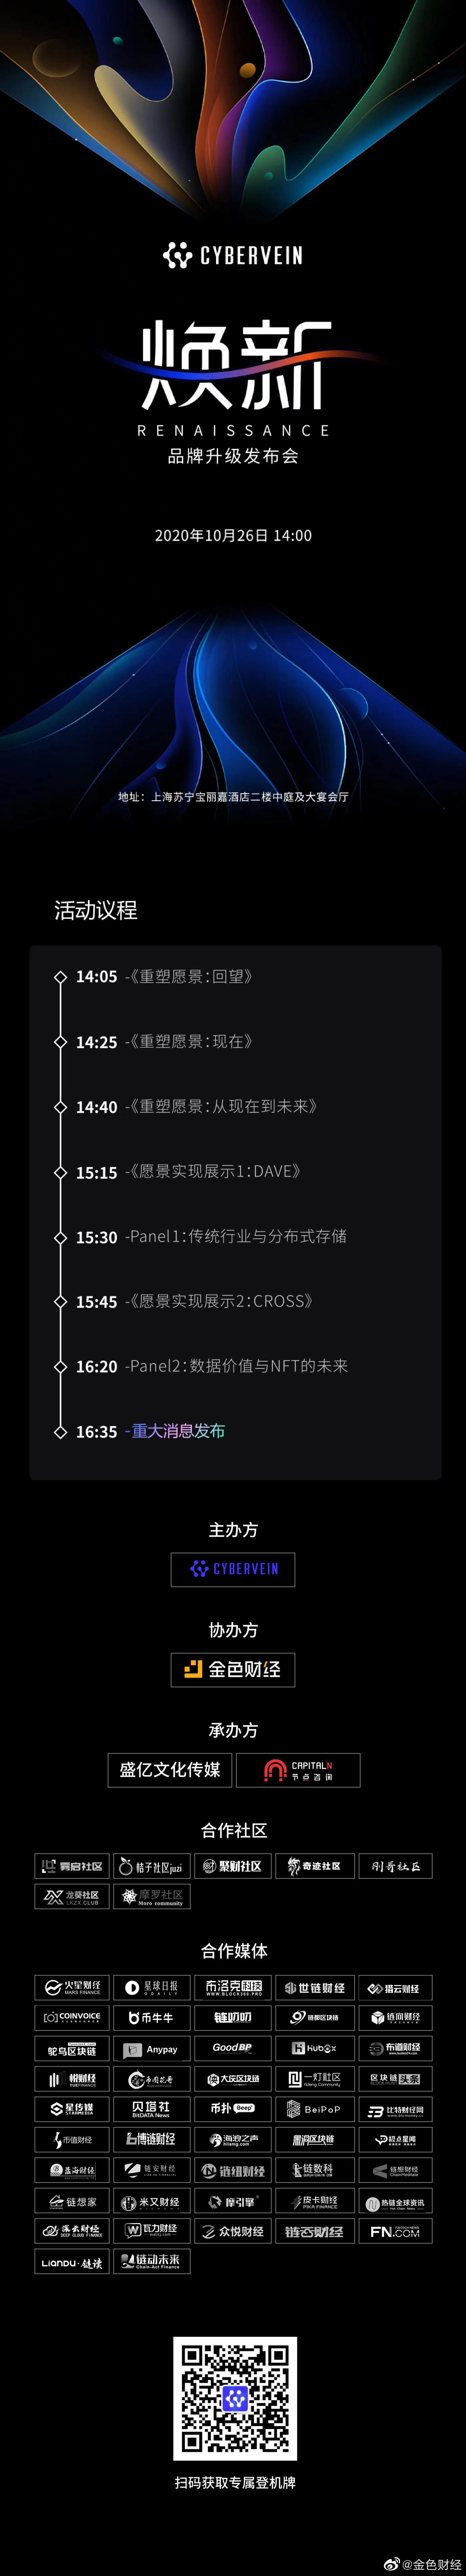 10月26日 上海苏宁宝丽嘉